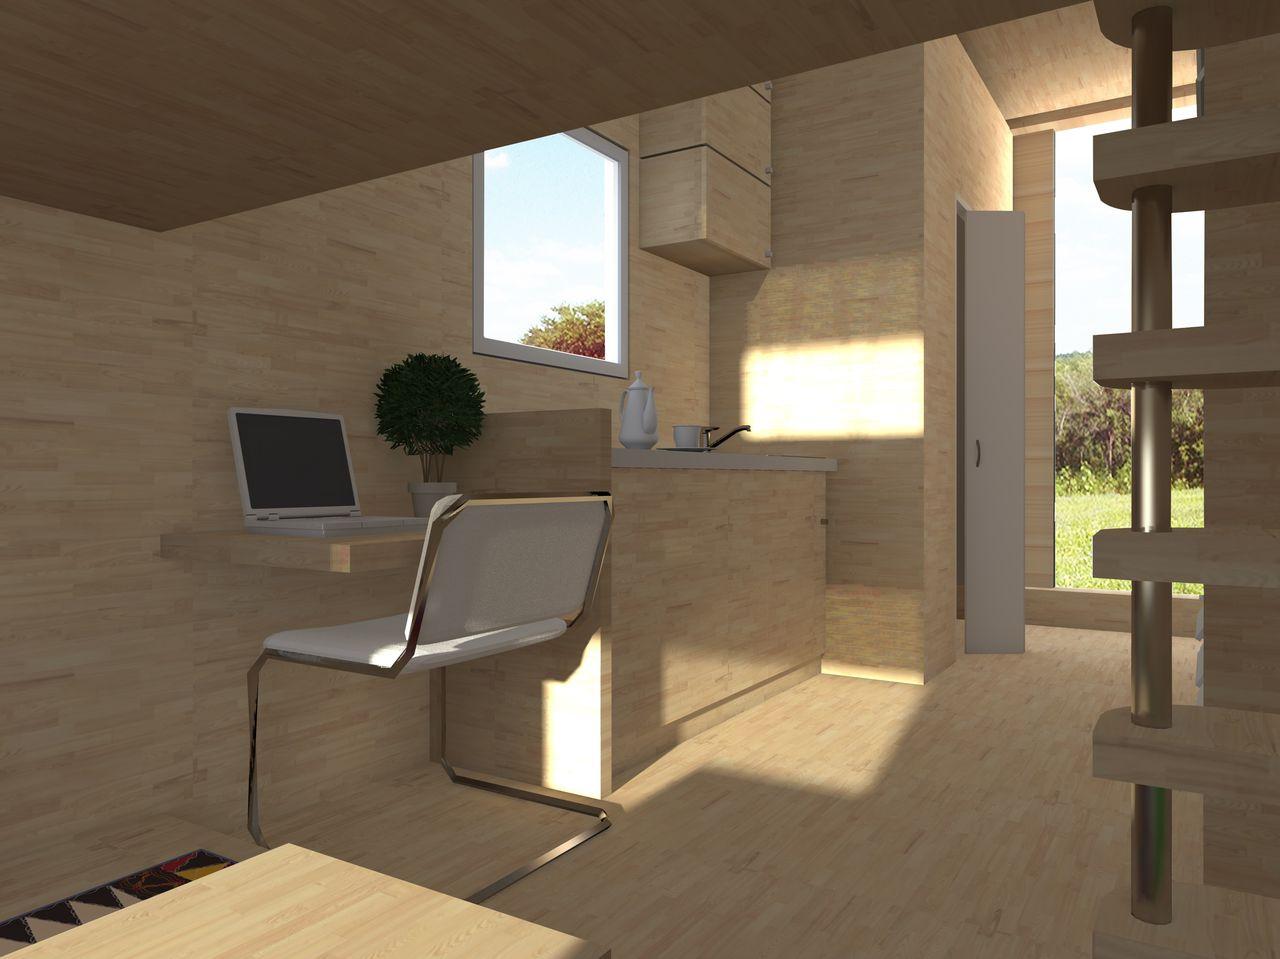 Разработка дизайн дома из морского контейнера. Интерьер. Рабочее место.